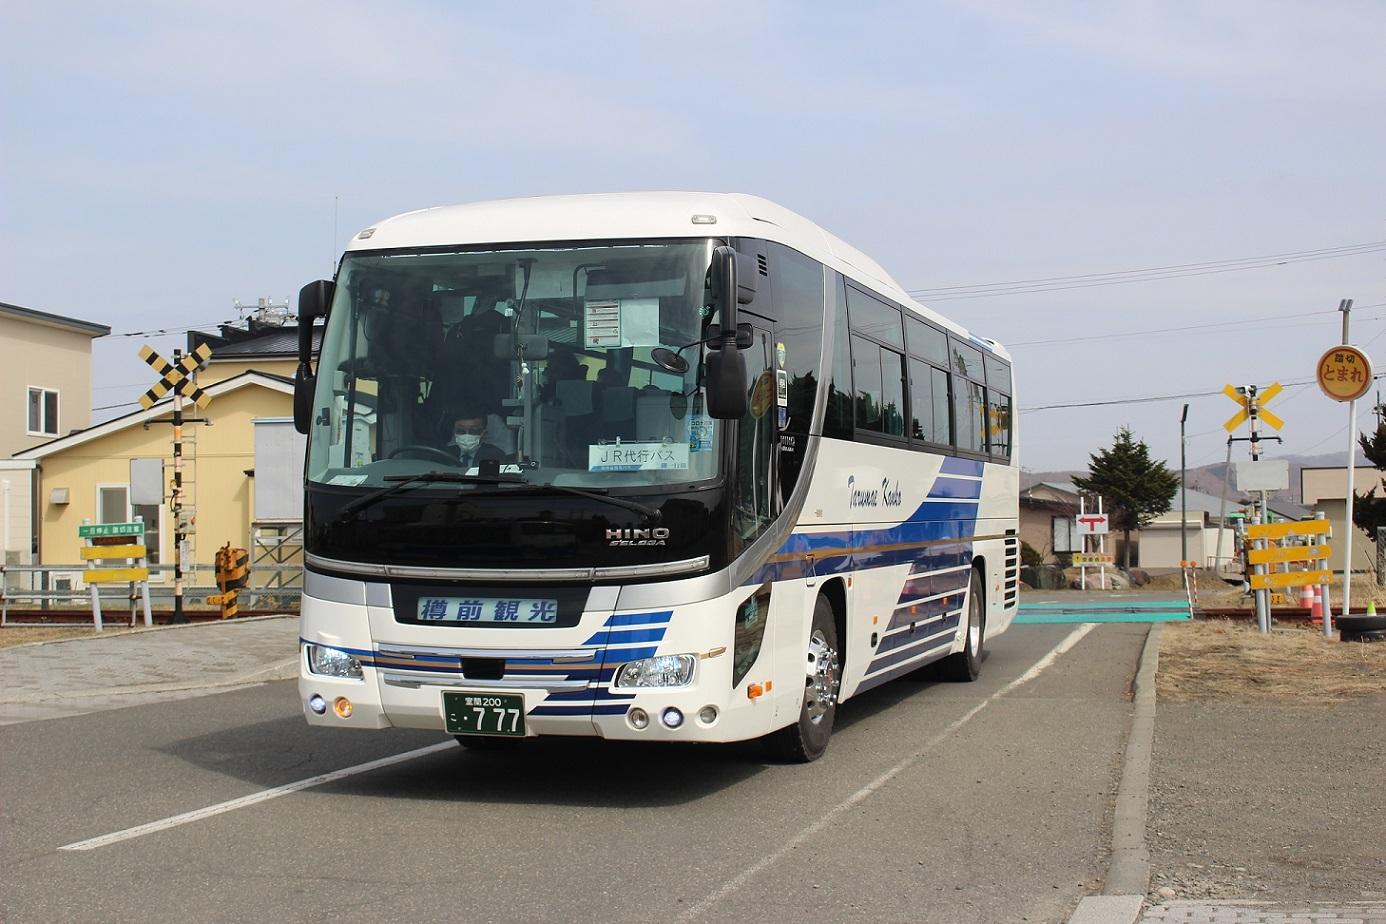 日高本線代行バス→転換バスa10